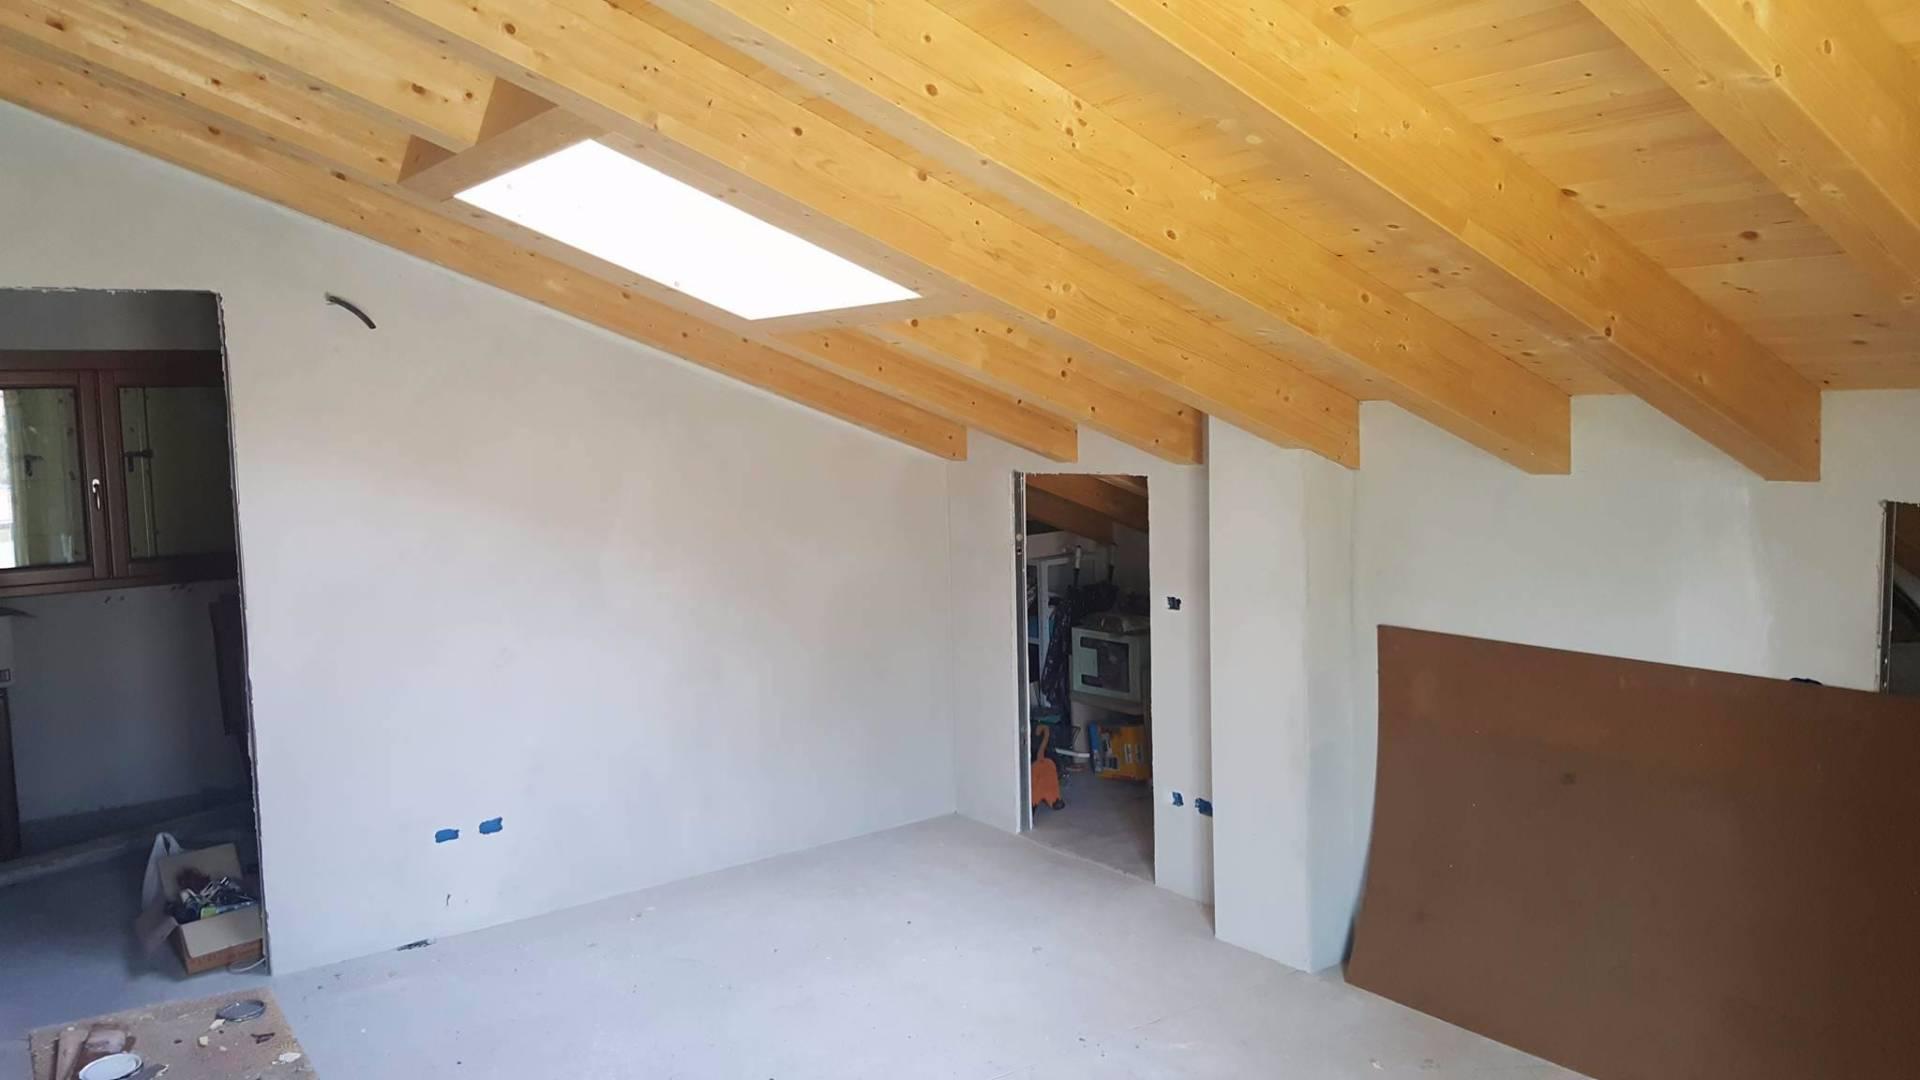 Appartamento in vendita a Berzo Inferiore, 3 locali, prezzo € 70.000 | CambioCasa.it